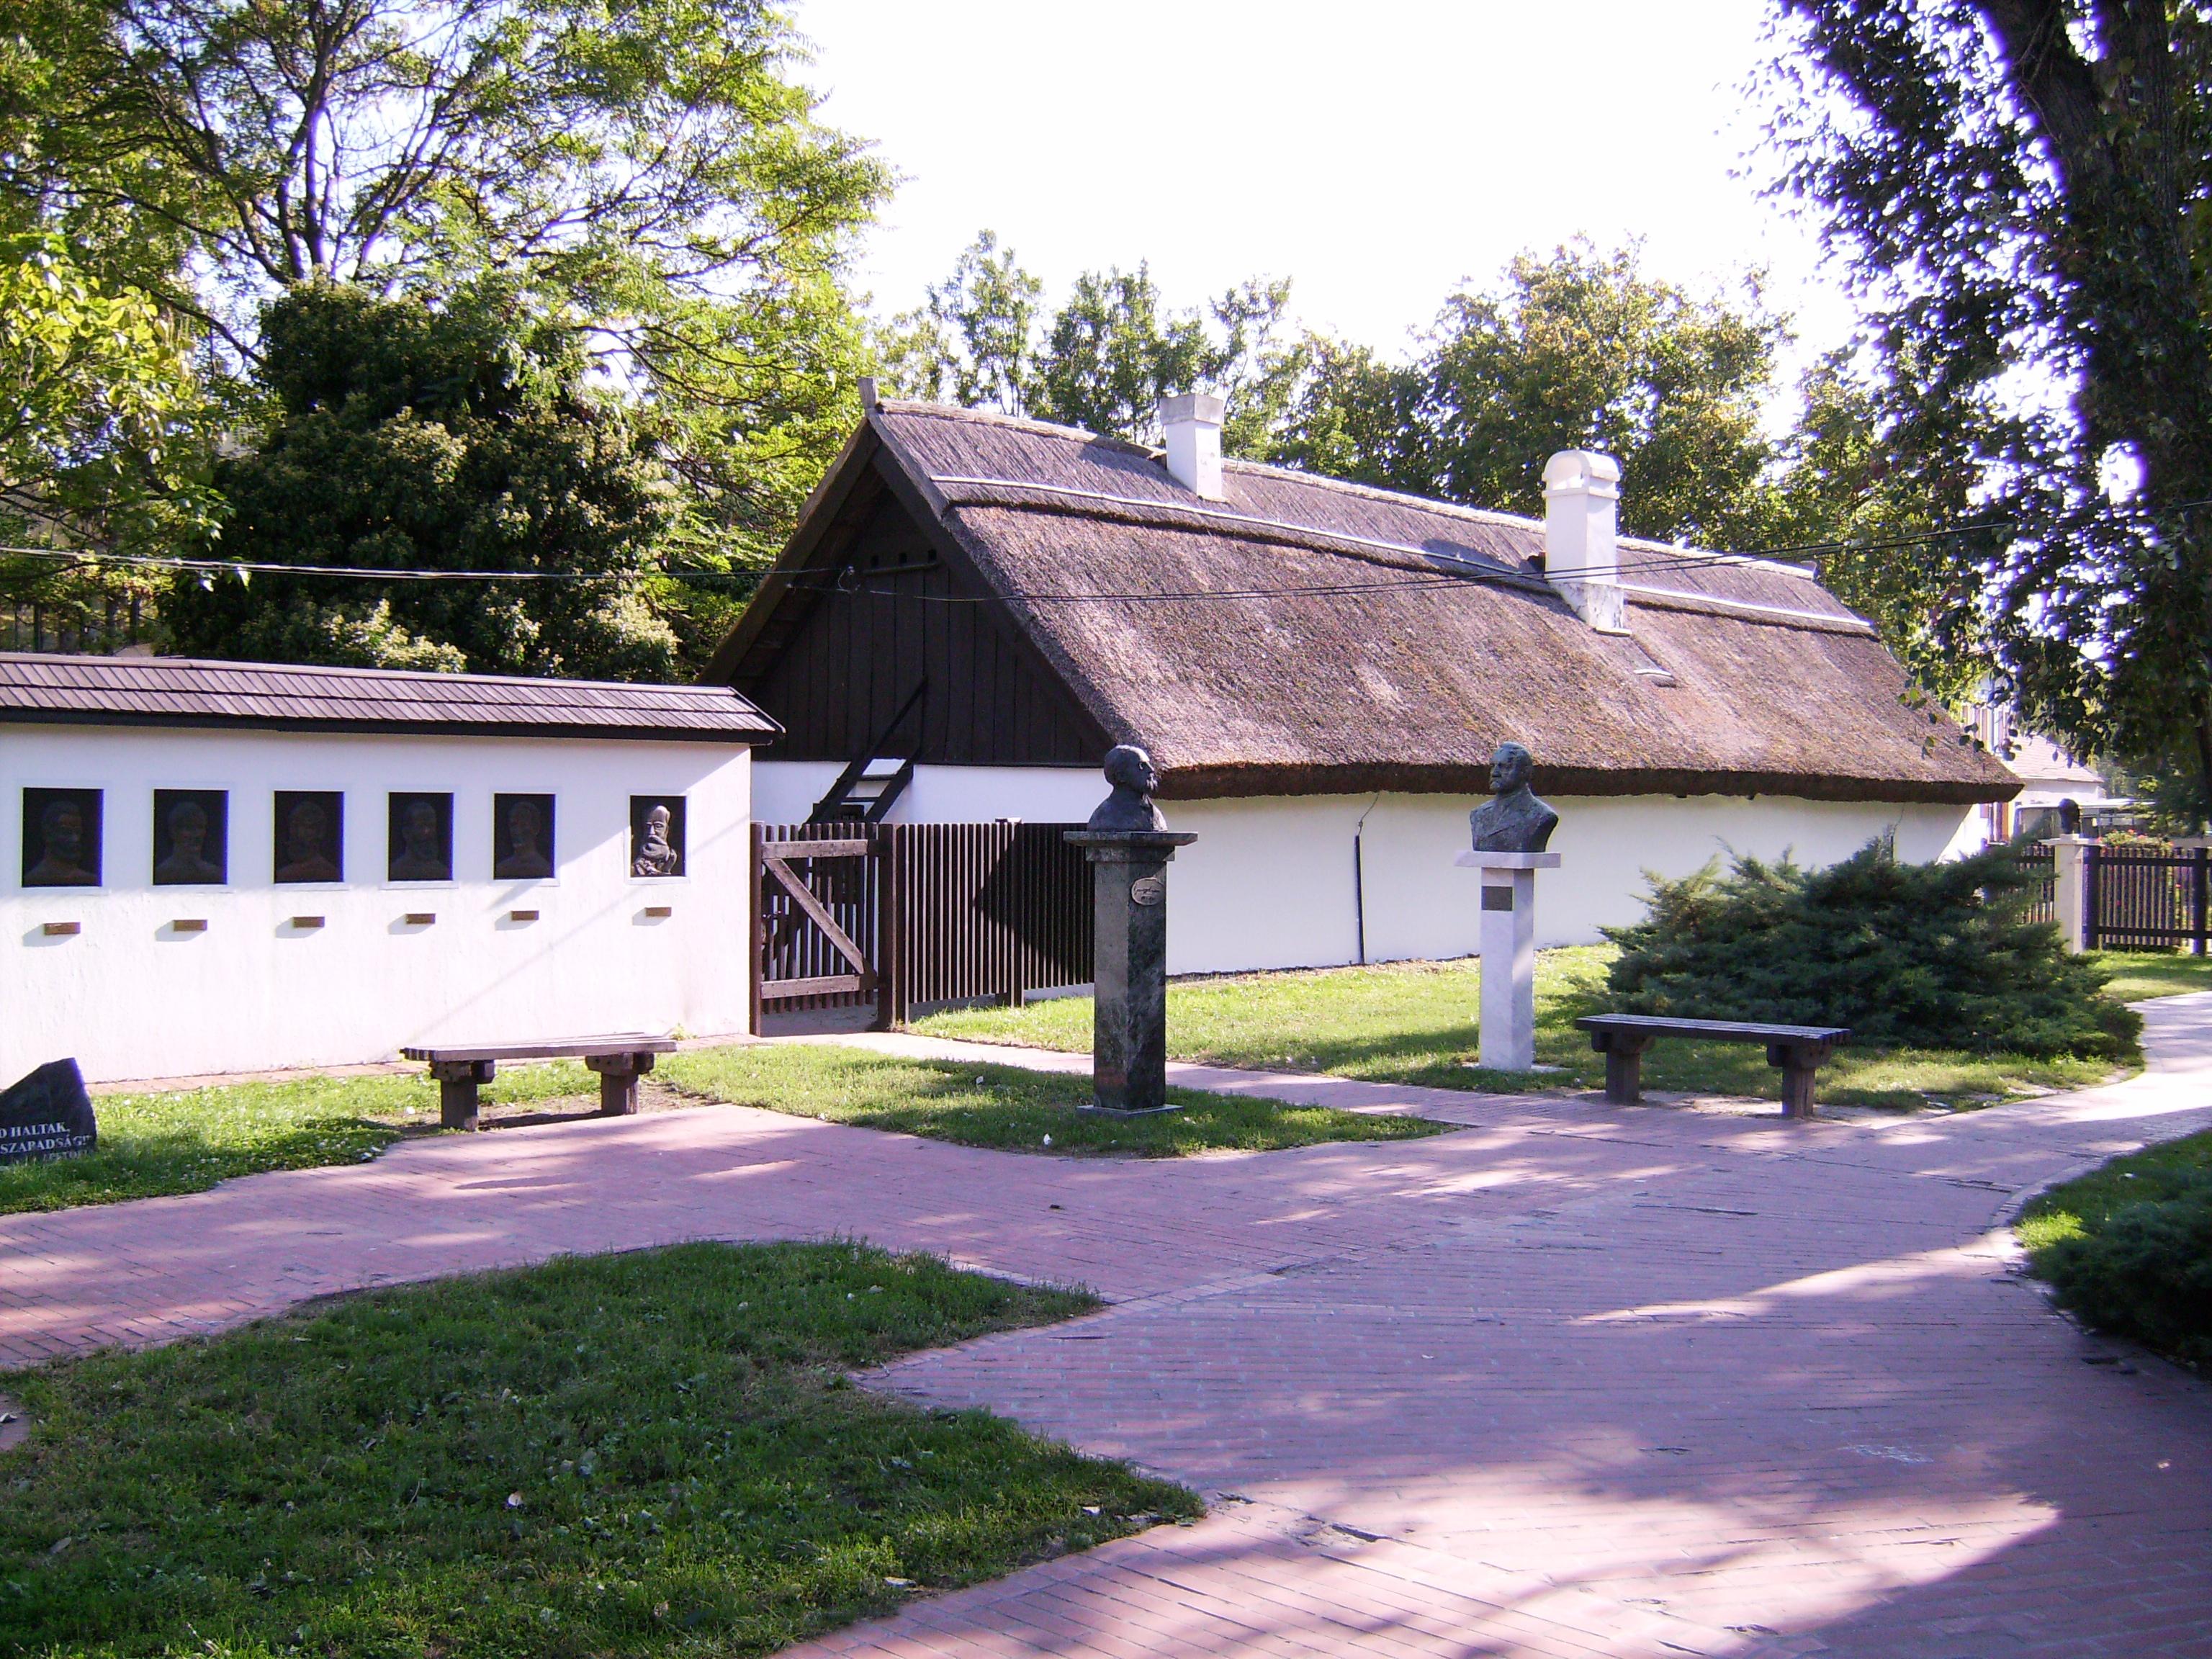 Az Aradi vértanúk emlékfala <br />Tóth Baranyi Lajos alkotása<br /><br />Az aradi vértanúkon kívül még gróf Batthyány Lajos is szerepel a domborművek sorában. A 150. évfordulóra emlékezve 1999. október 6-án adták át a dombormű-sorozatot.